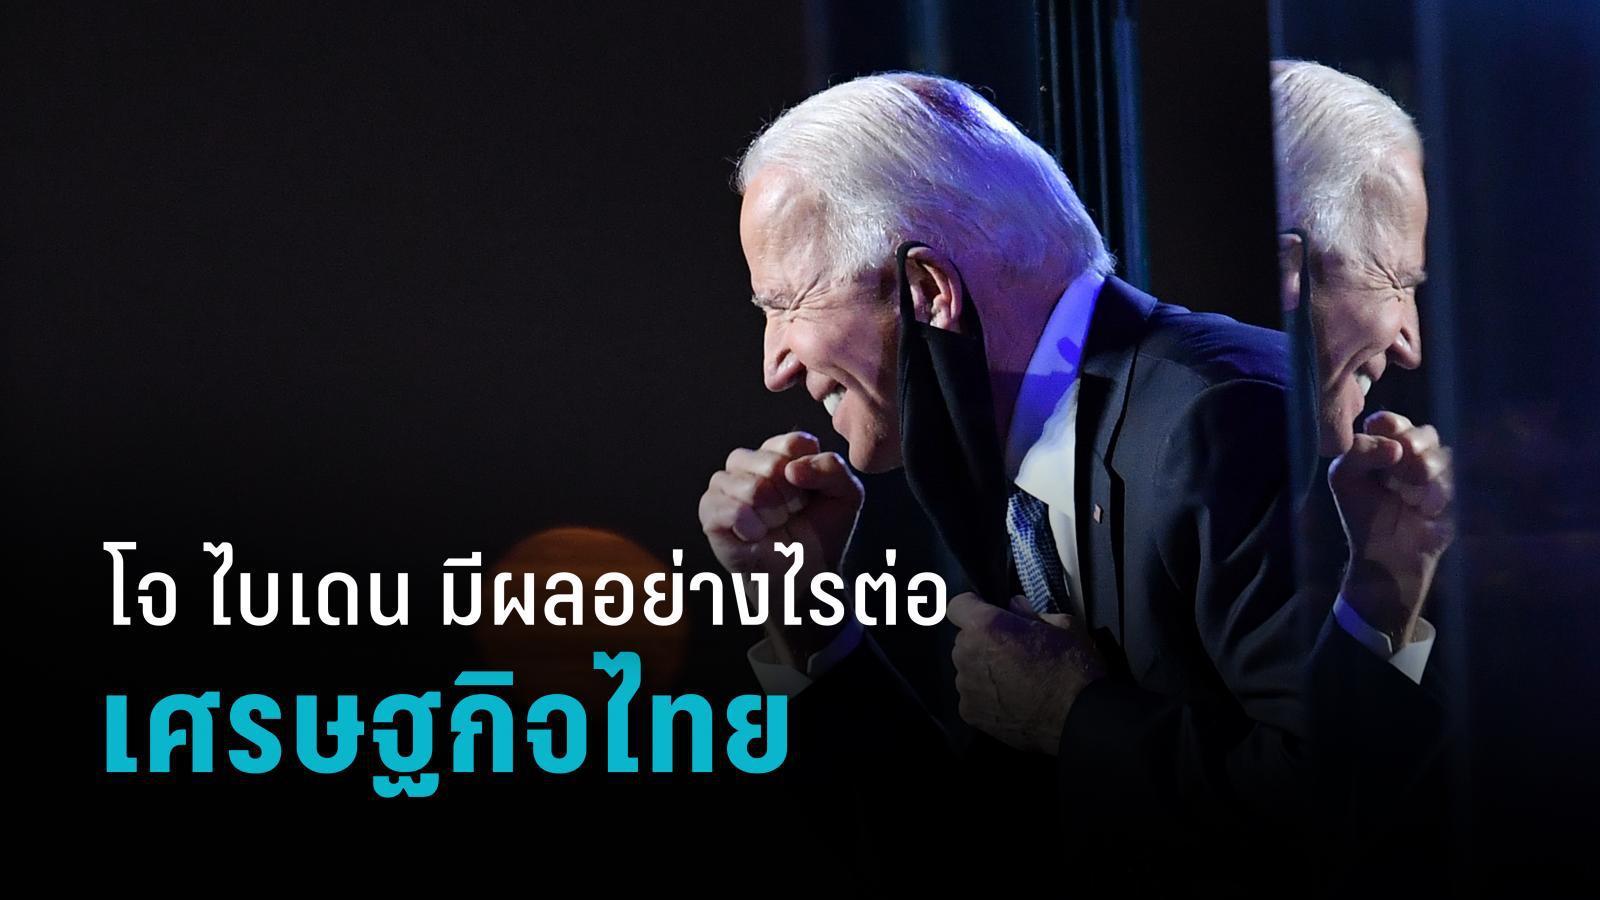 โจ ไบเดน กับ เศรษฐกิจไทยที่ต้องเตรียมรับมือ